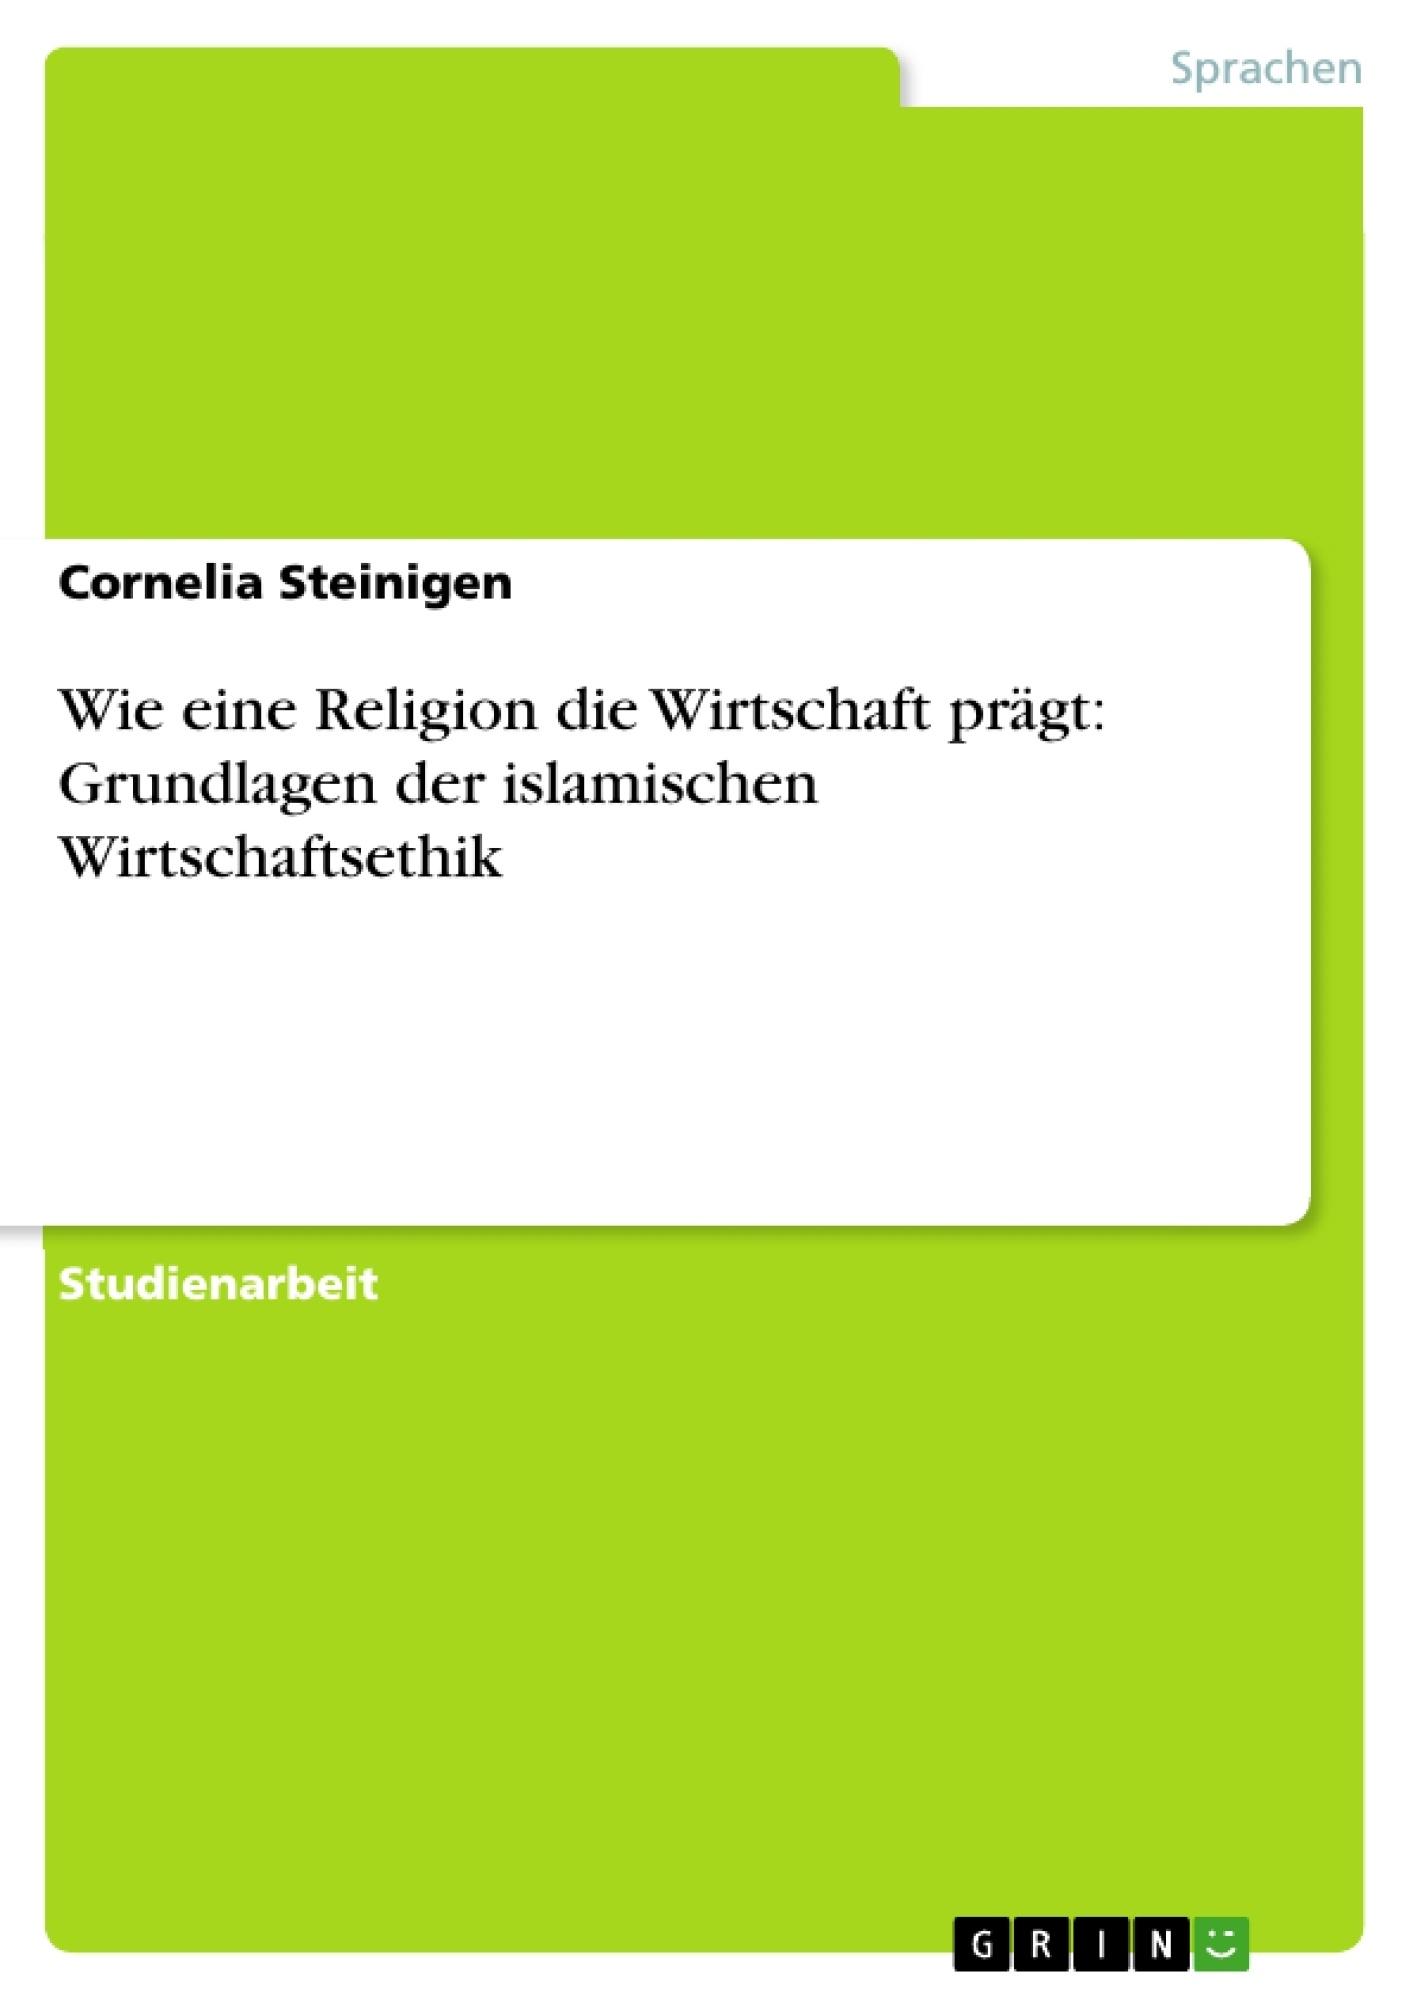 Titel: Wie eine Religion die Wirtschaft prägt: Grundlagen der islamischen Wirtschaftsethik